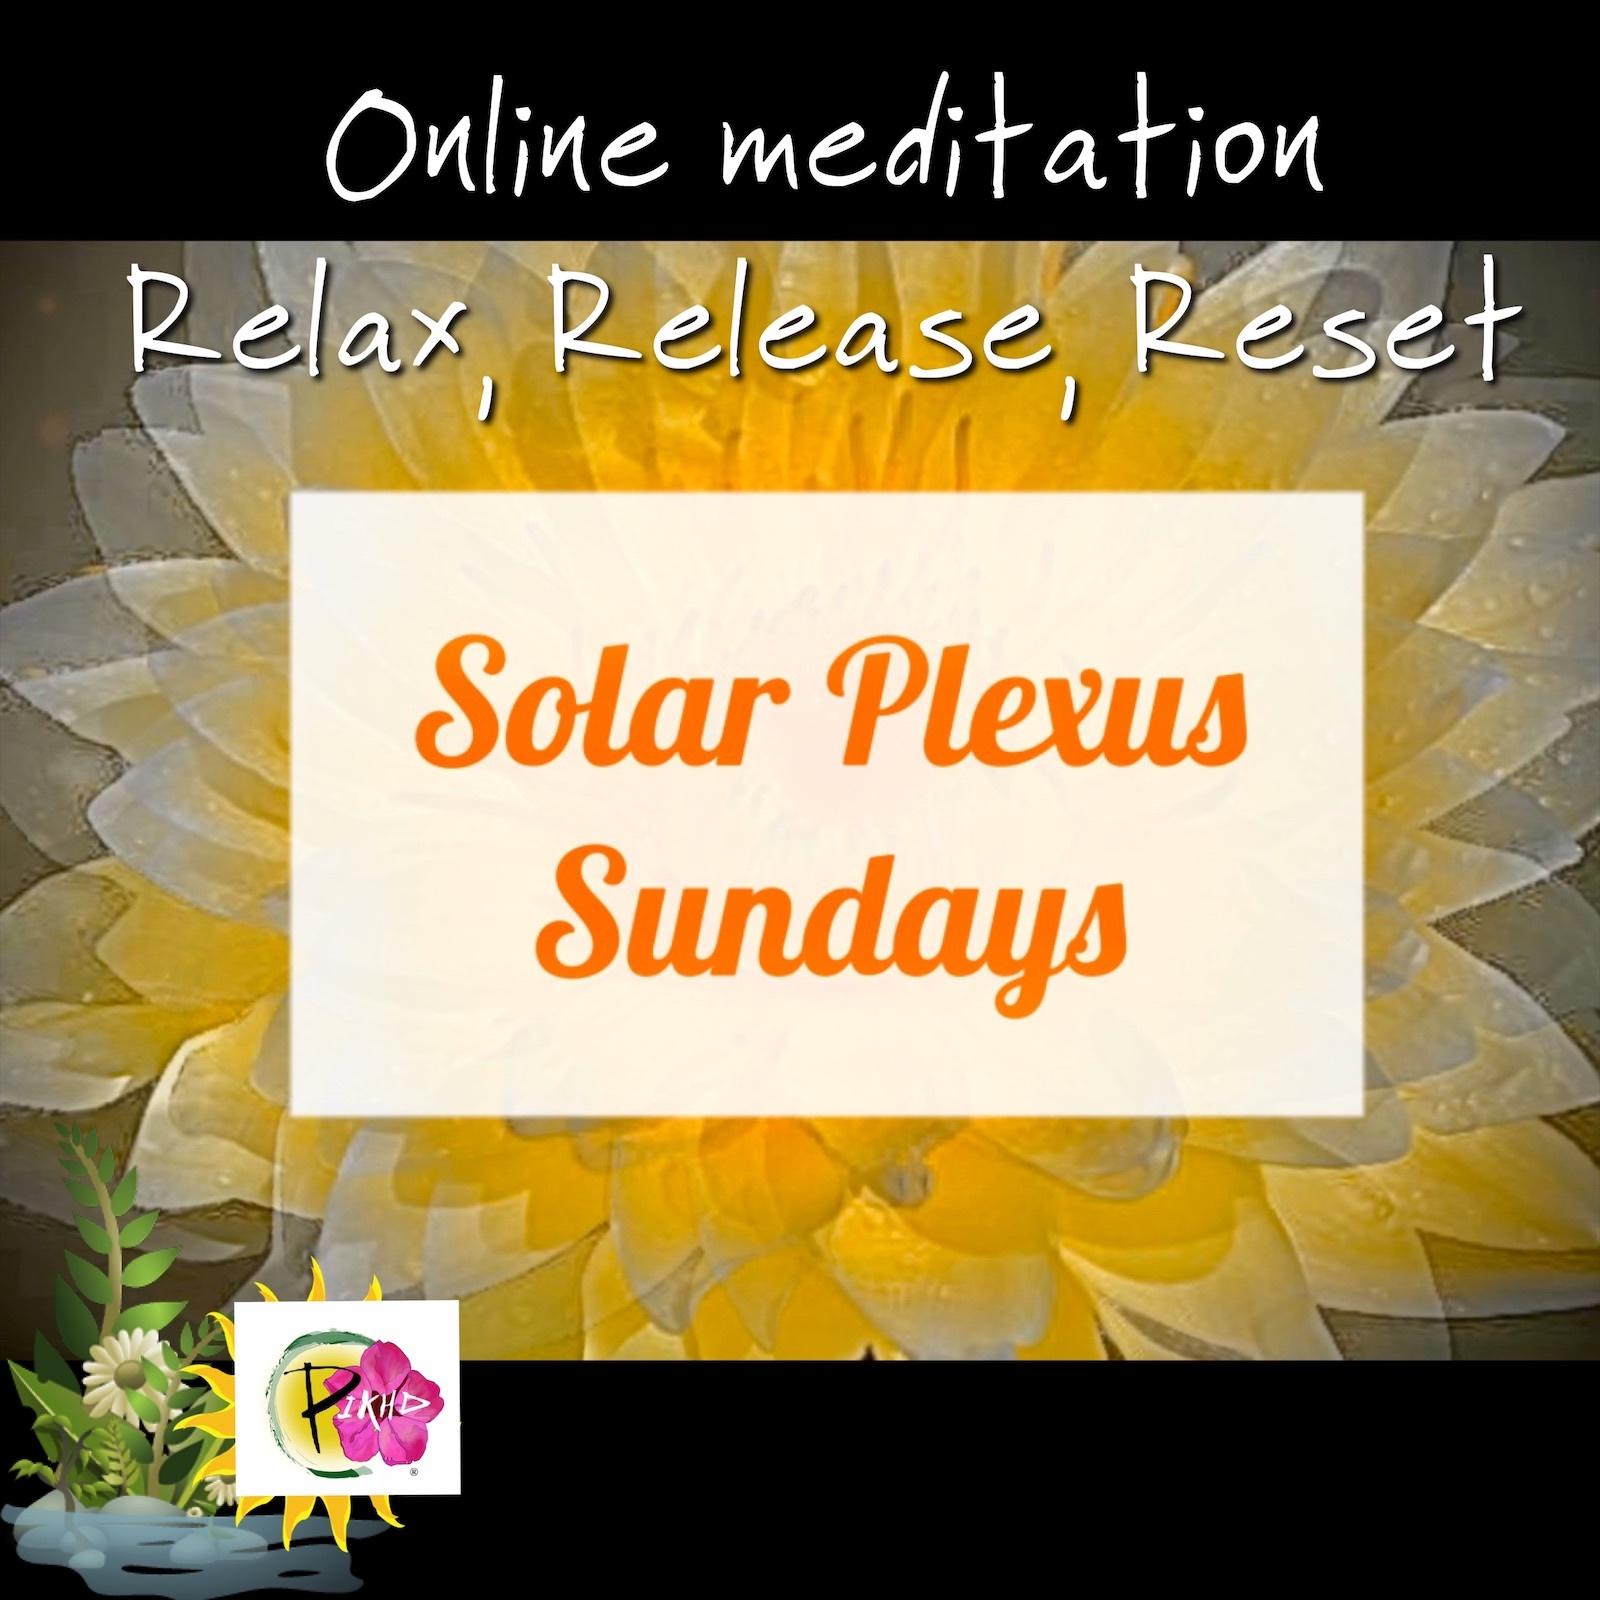 Solar Plexus Sundays May24